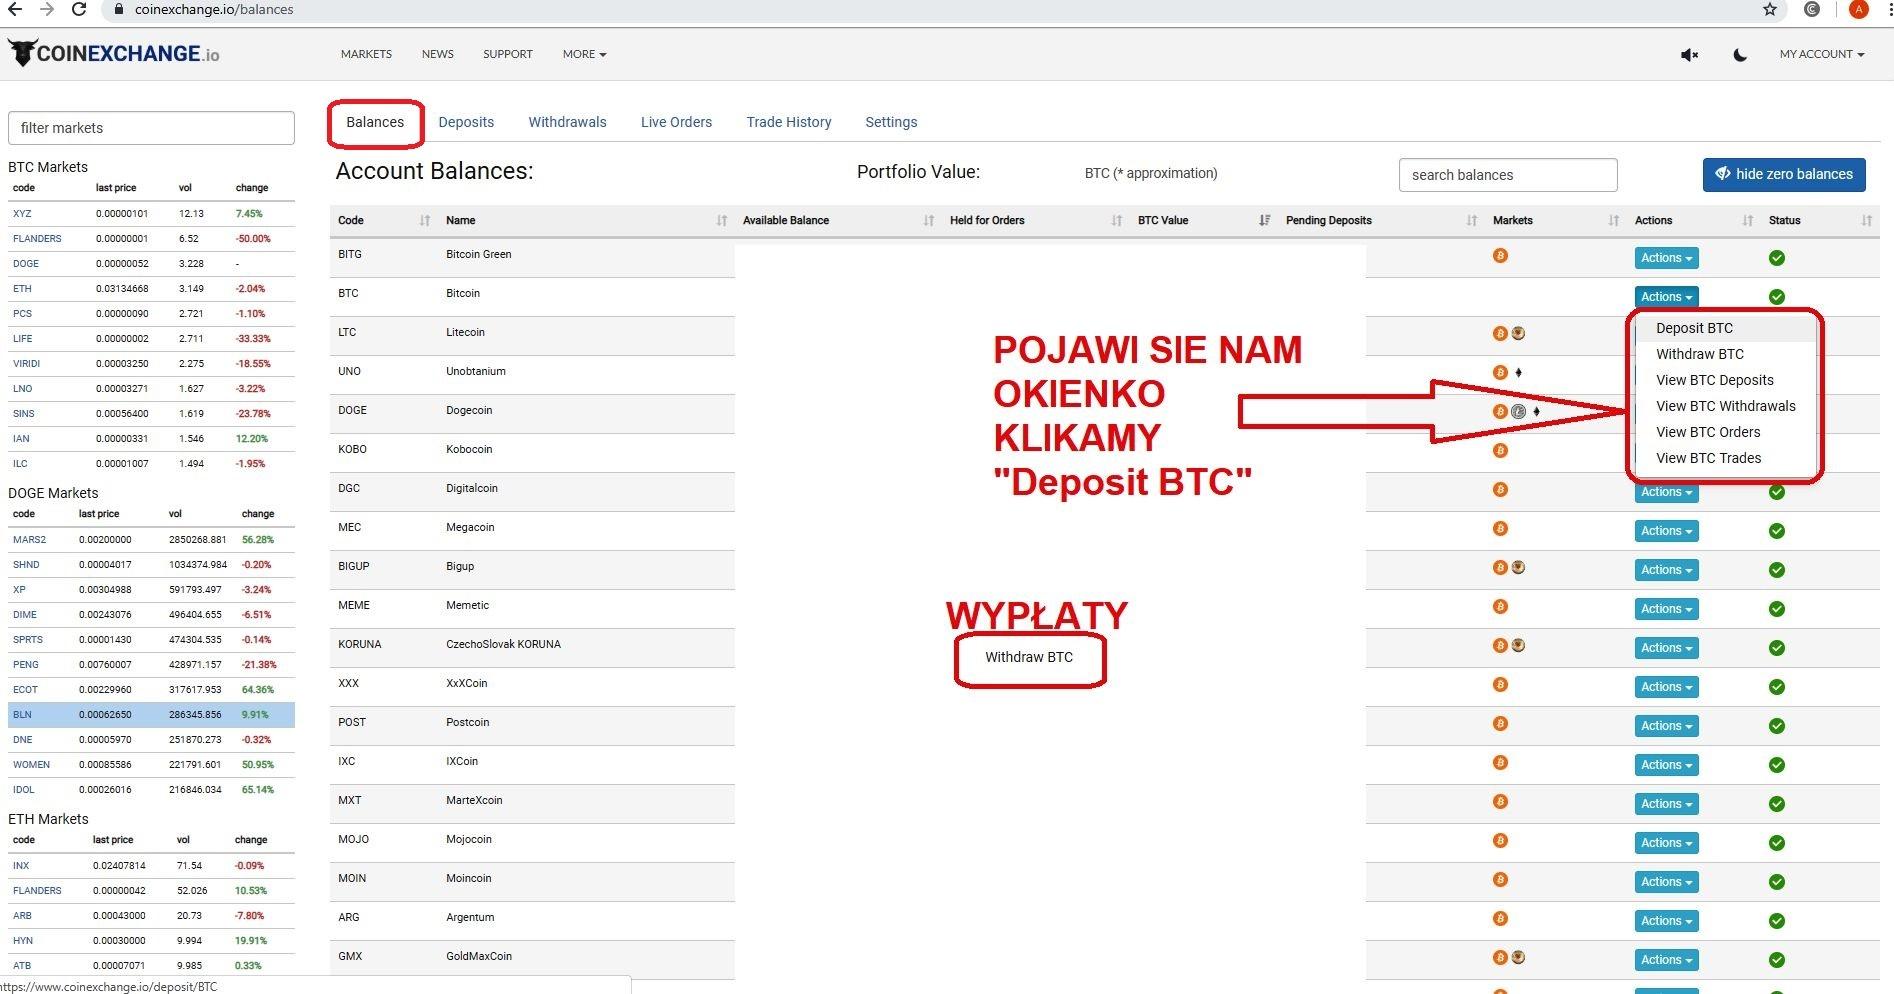 jak inwestować w kryptowaluty giełda coinexchange depozyt Bitcoin